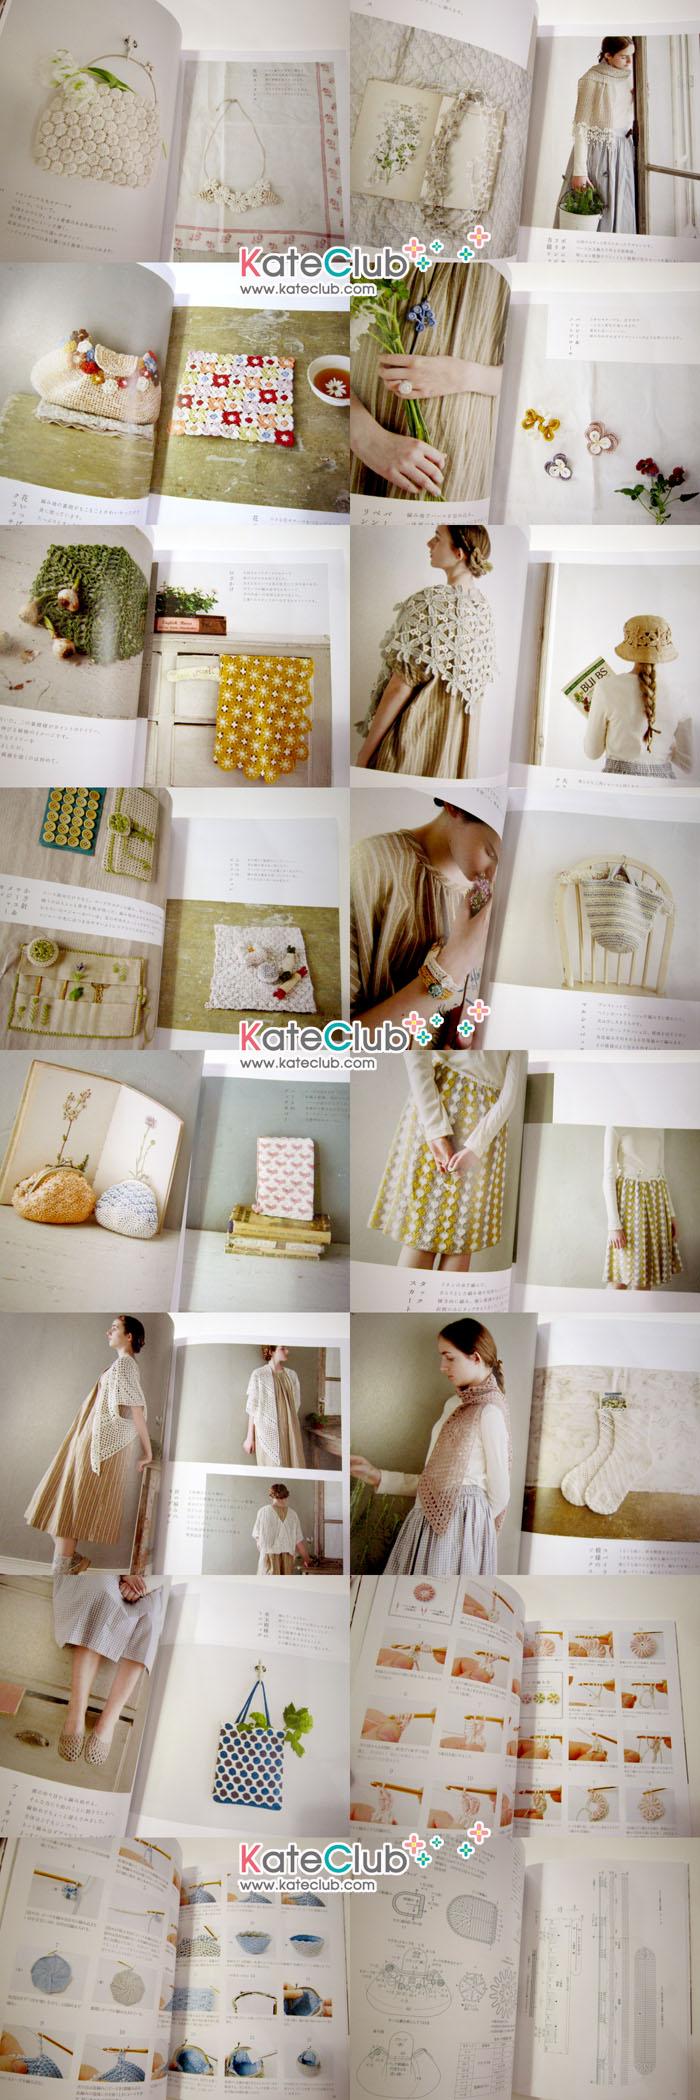 หนังสือถักโครเชต์ดอกไม้